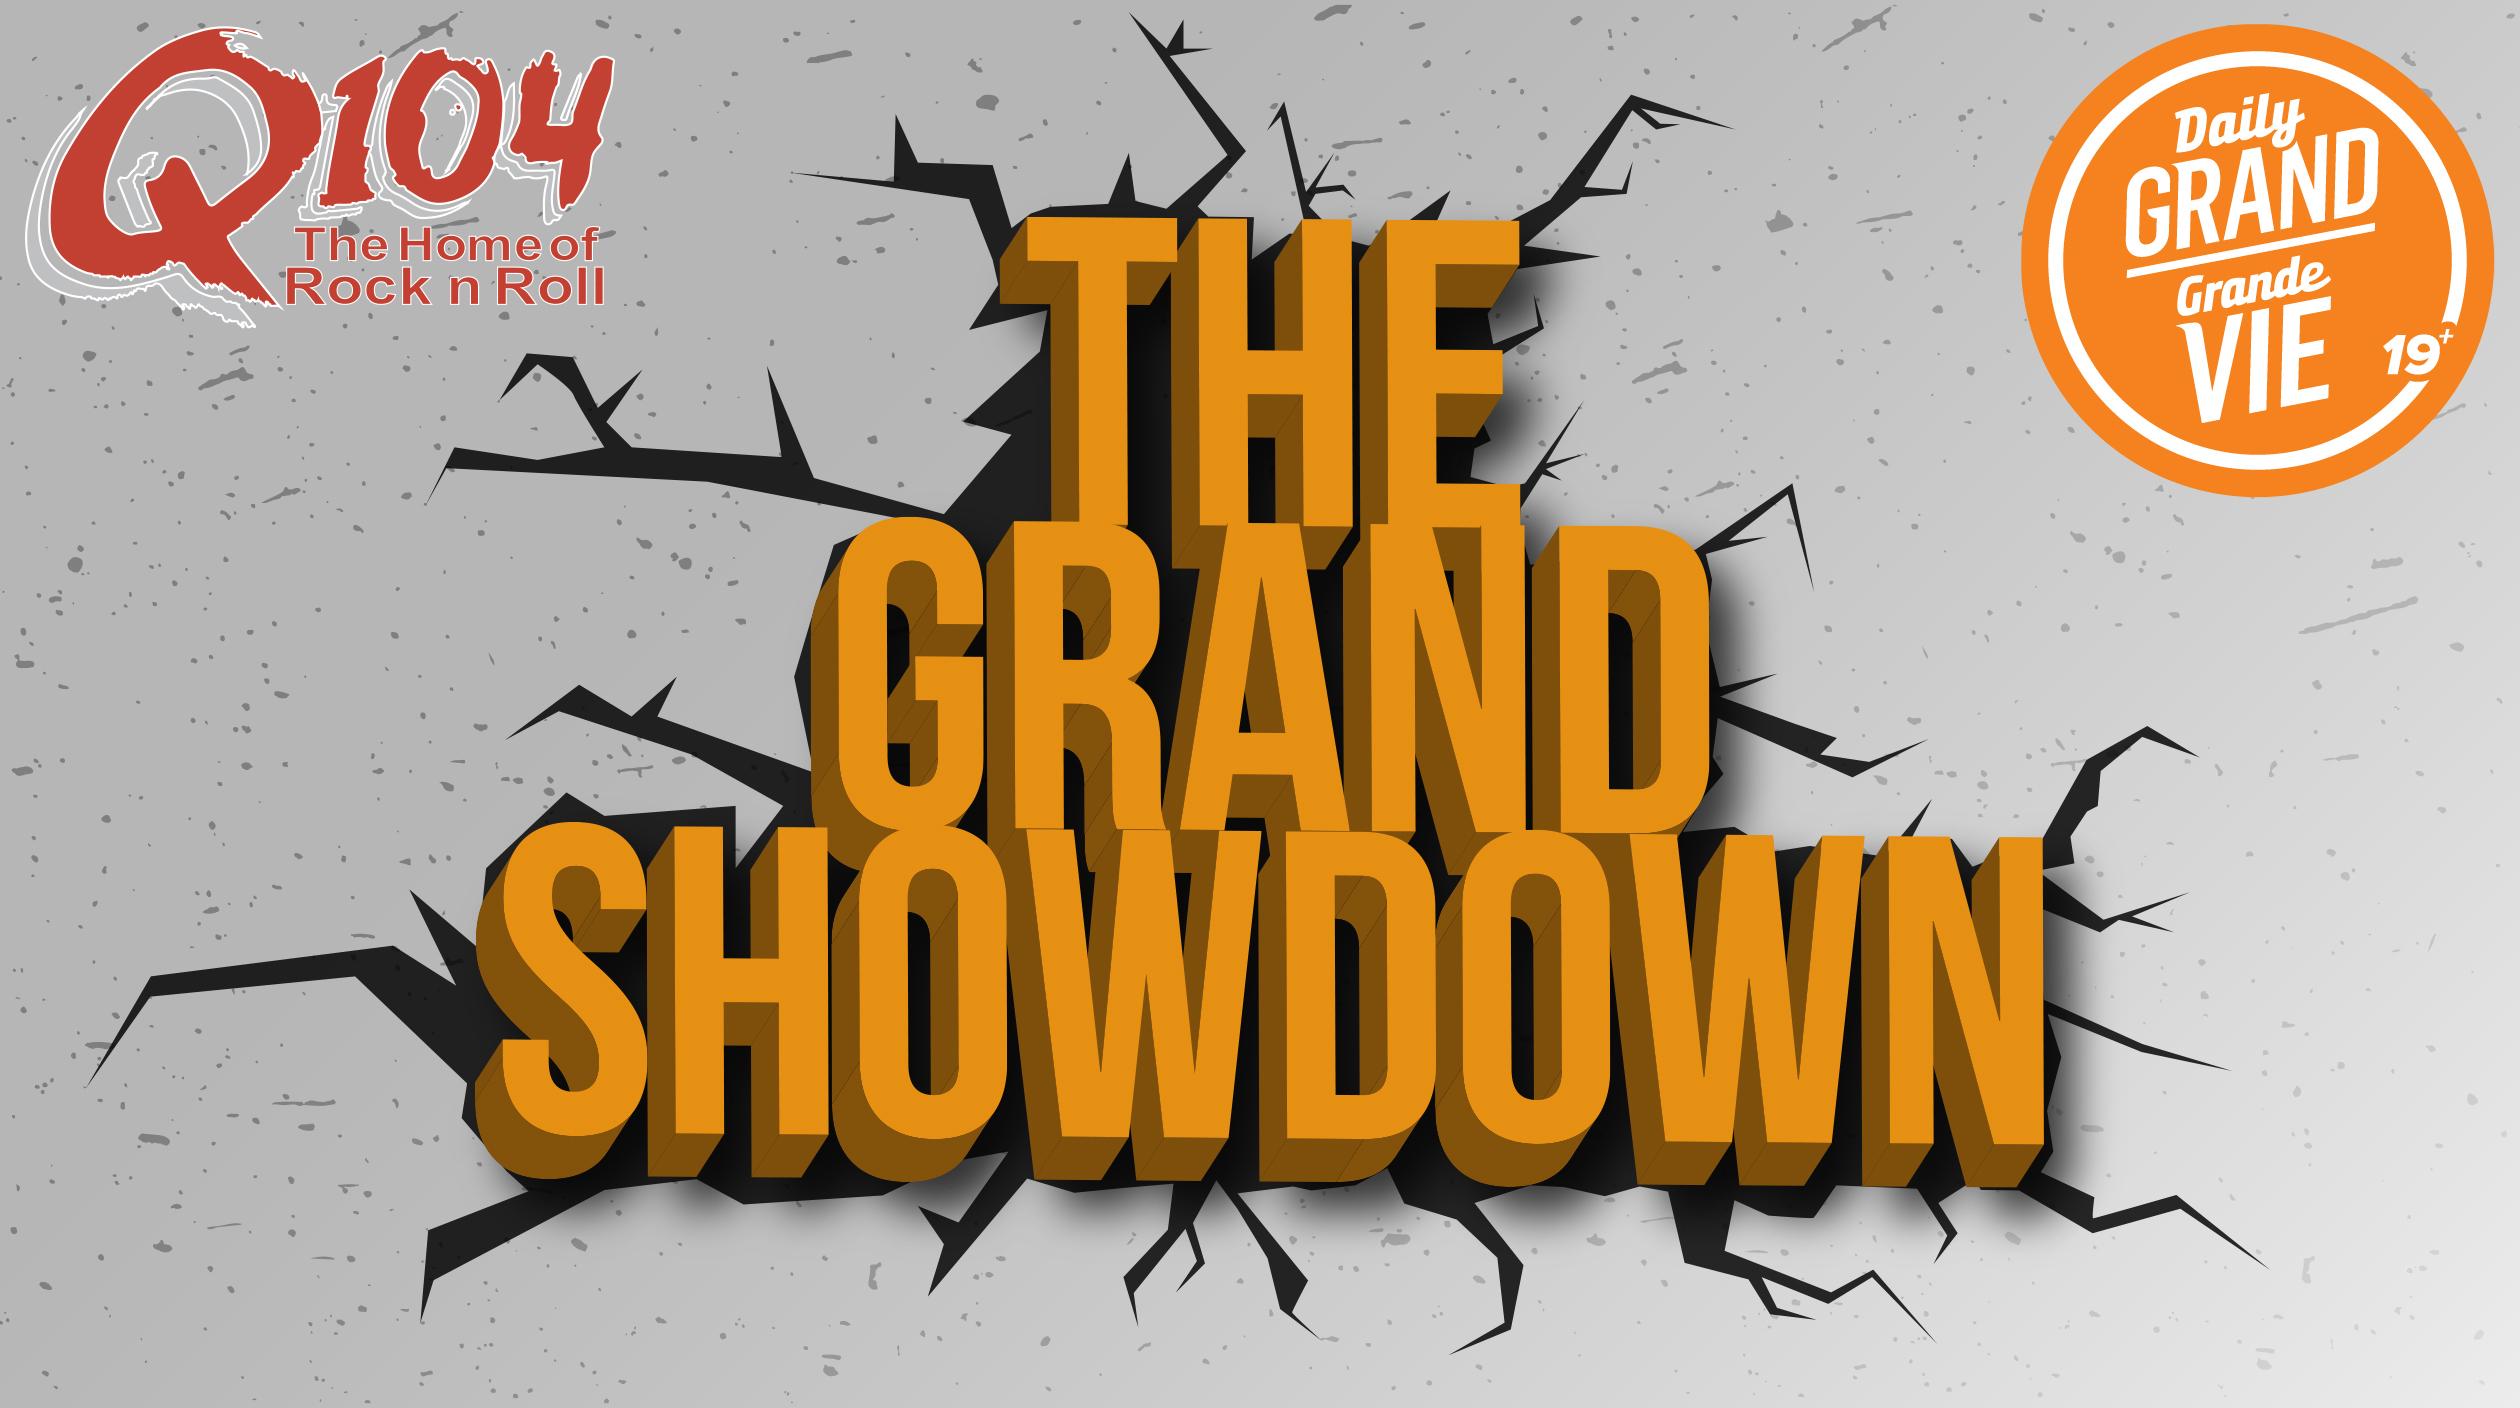 Q104 The Grand Showdown